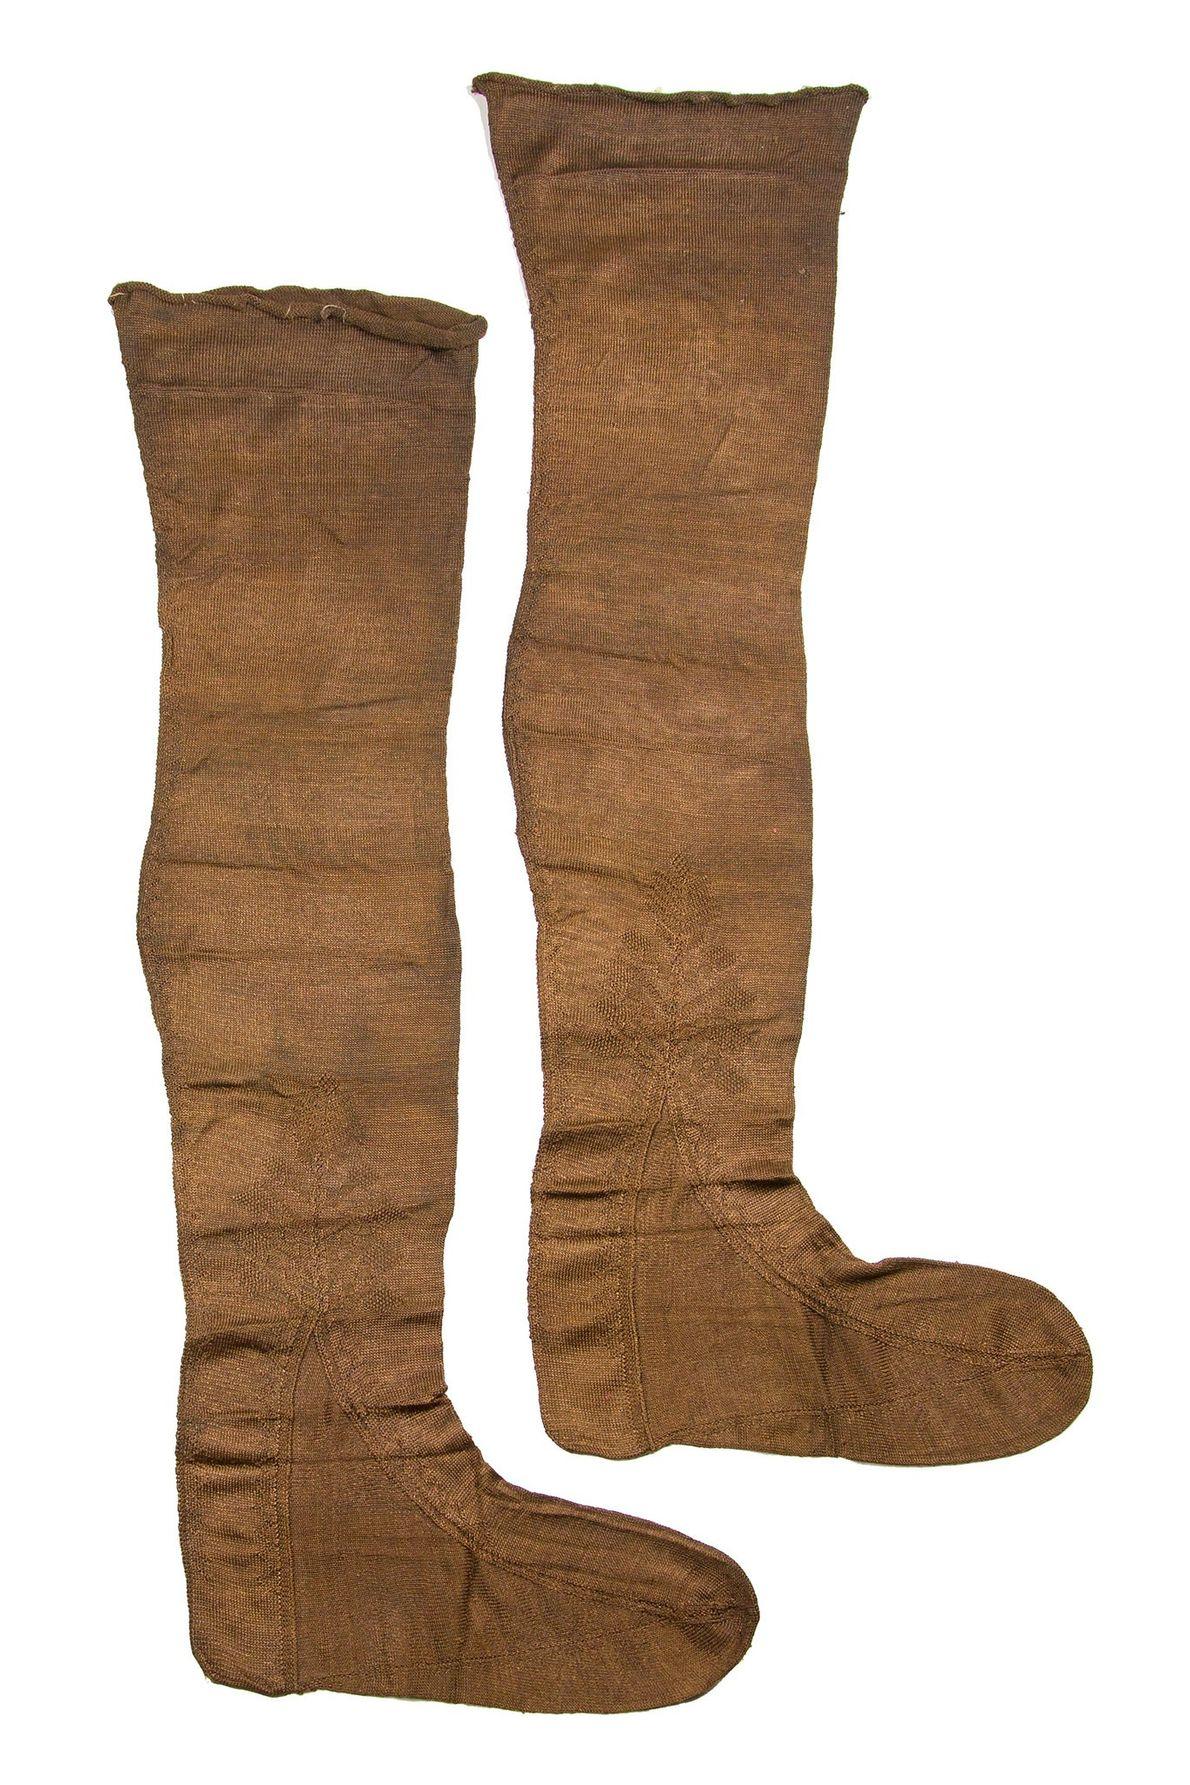 Fotografia de meias de senhora encontradas num naufrágio no Mar do Norte